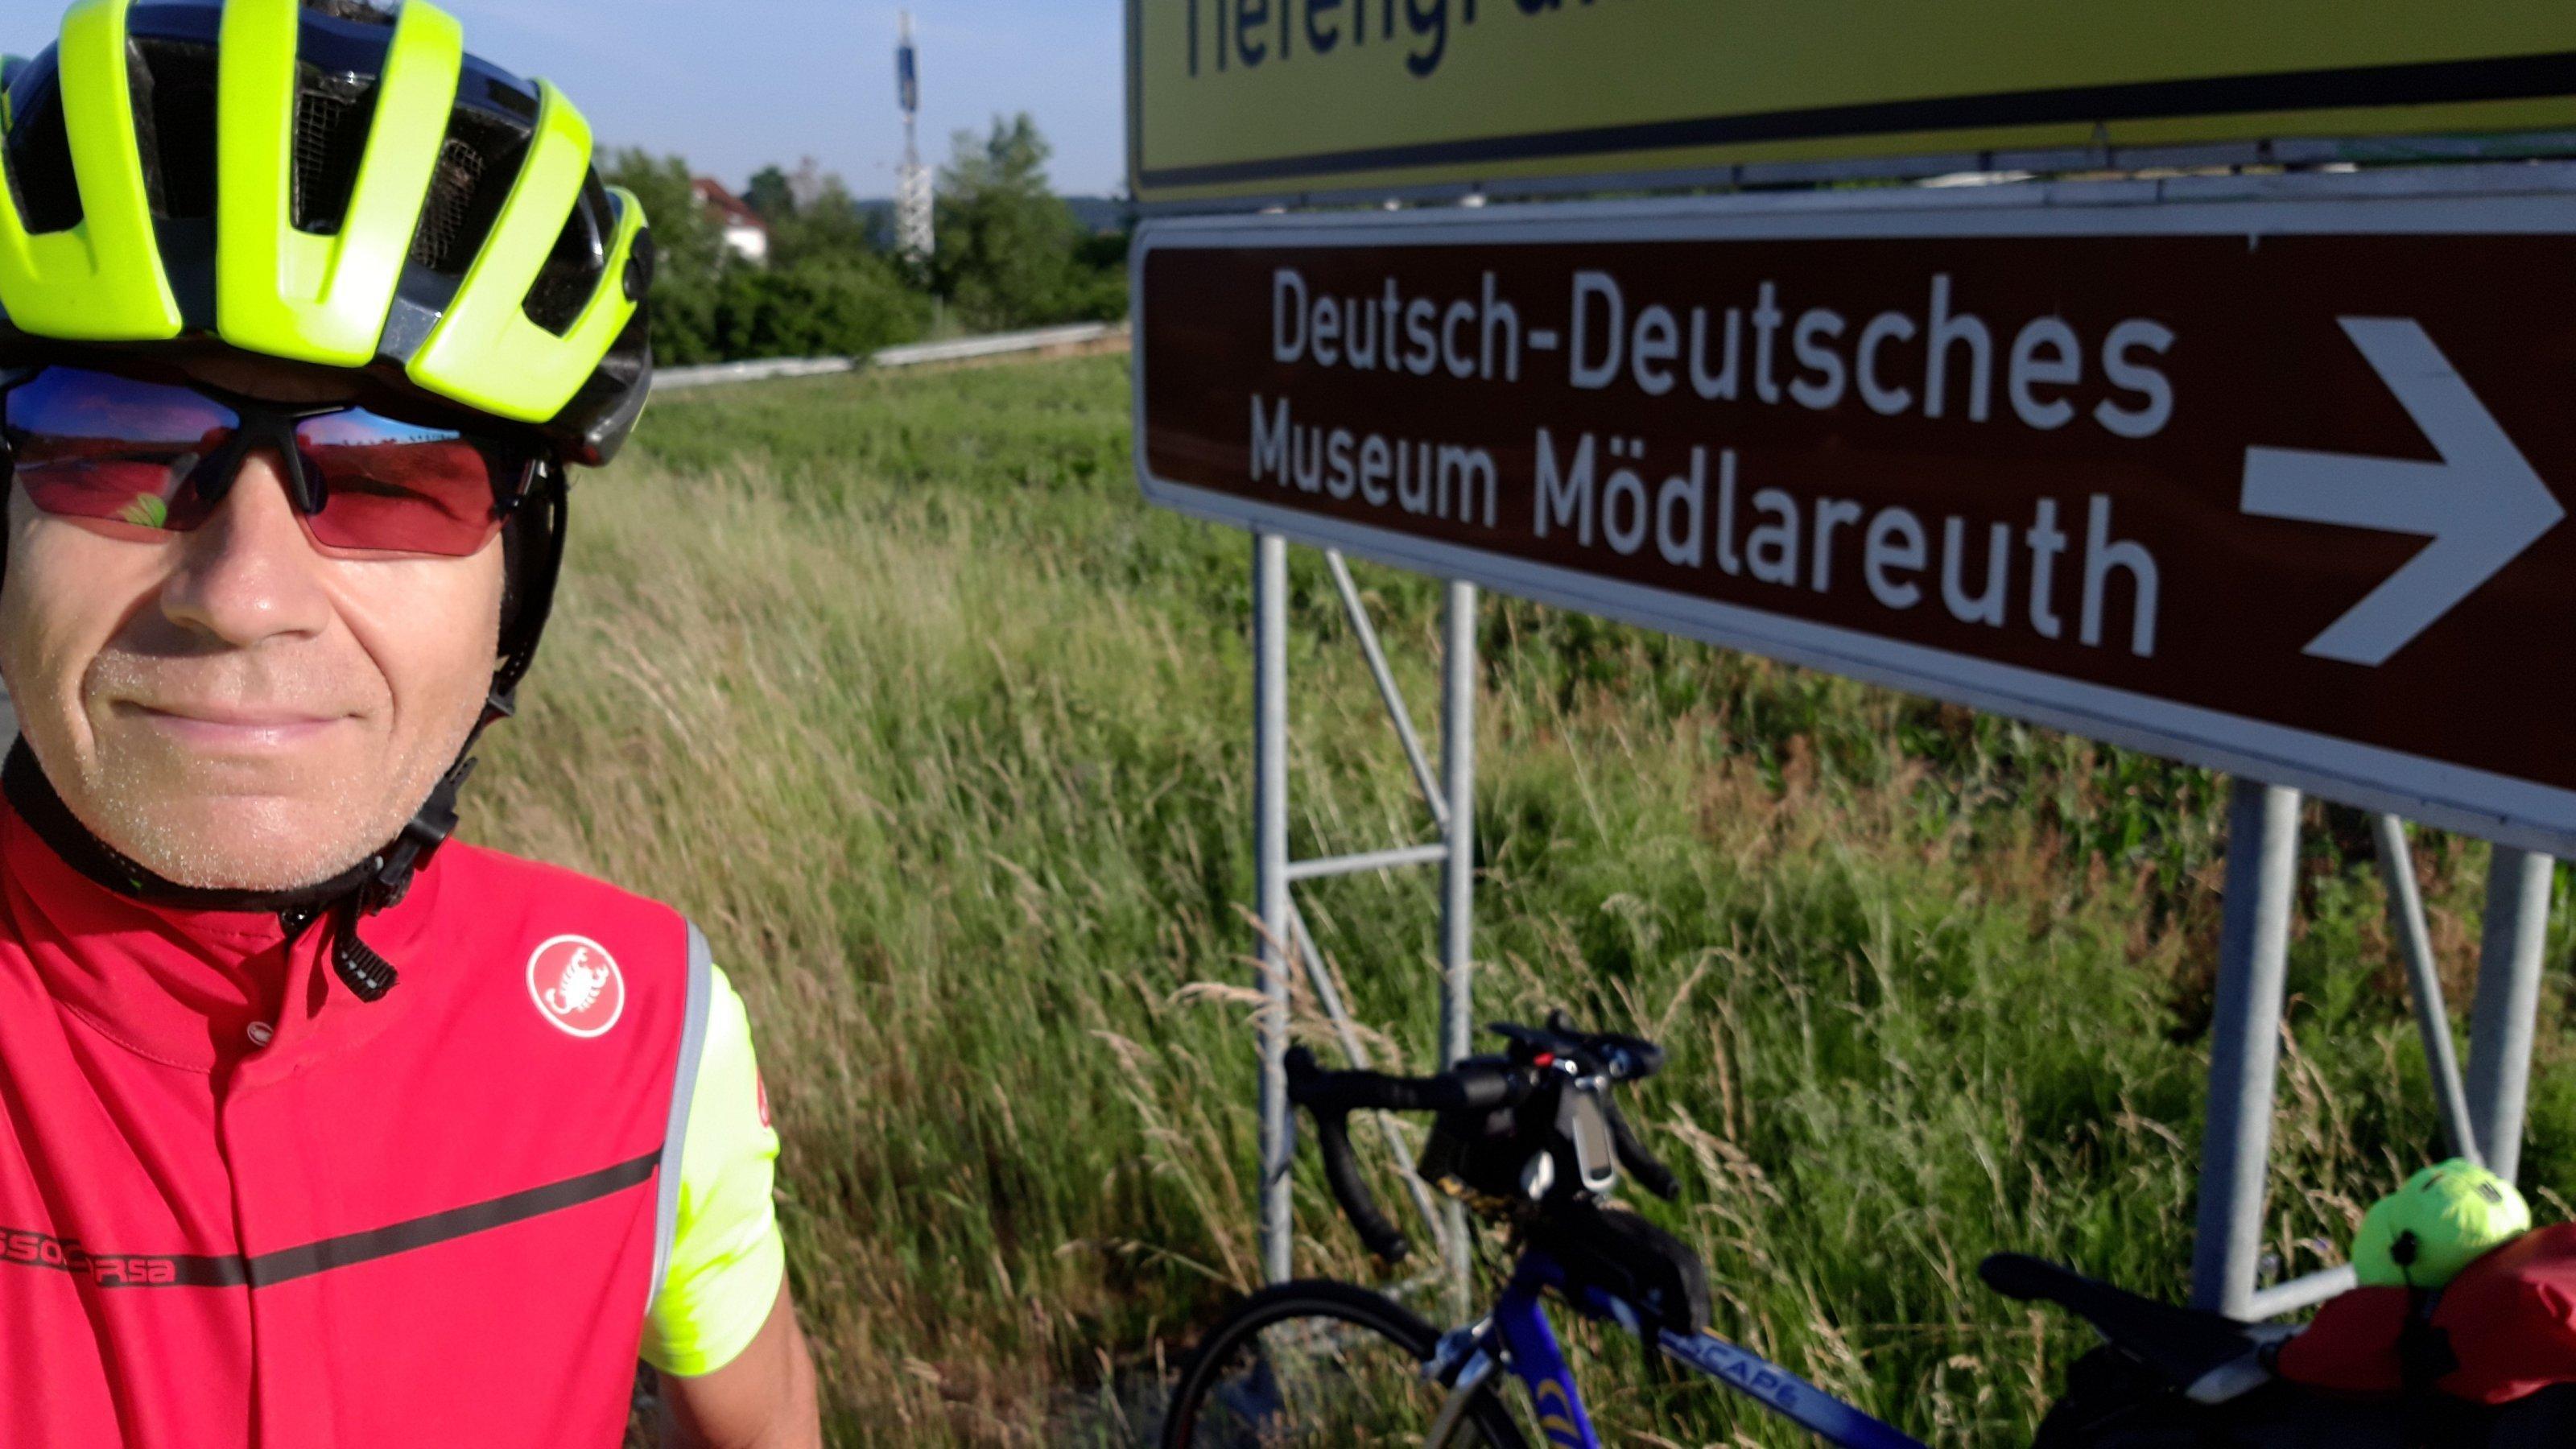 """""""Deutsch-Deutsches Museum Mödlareuth"""", verheißt das Straßenschild."""